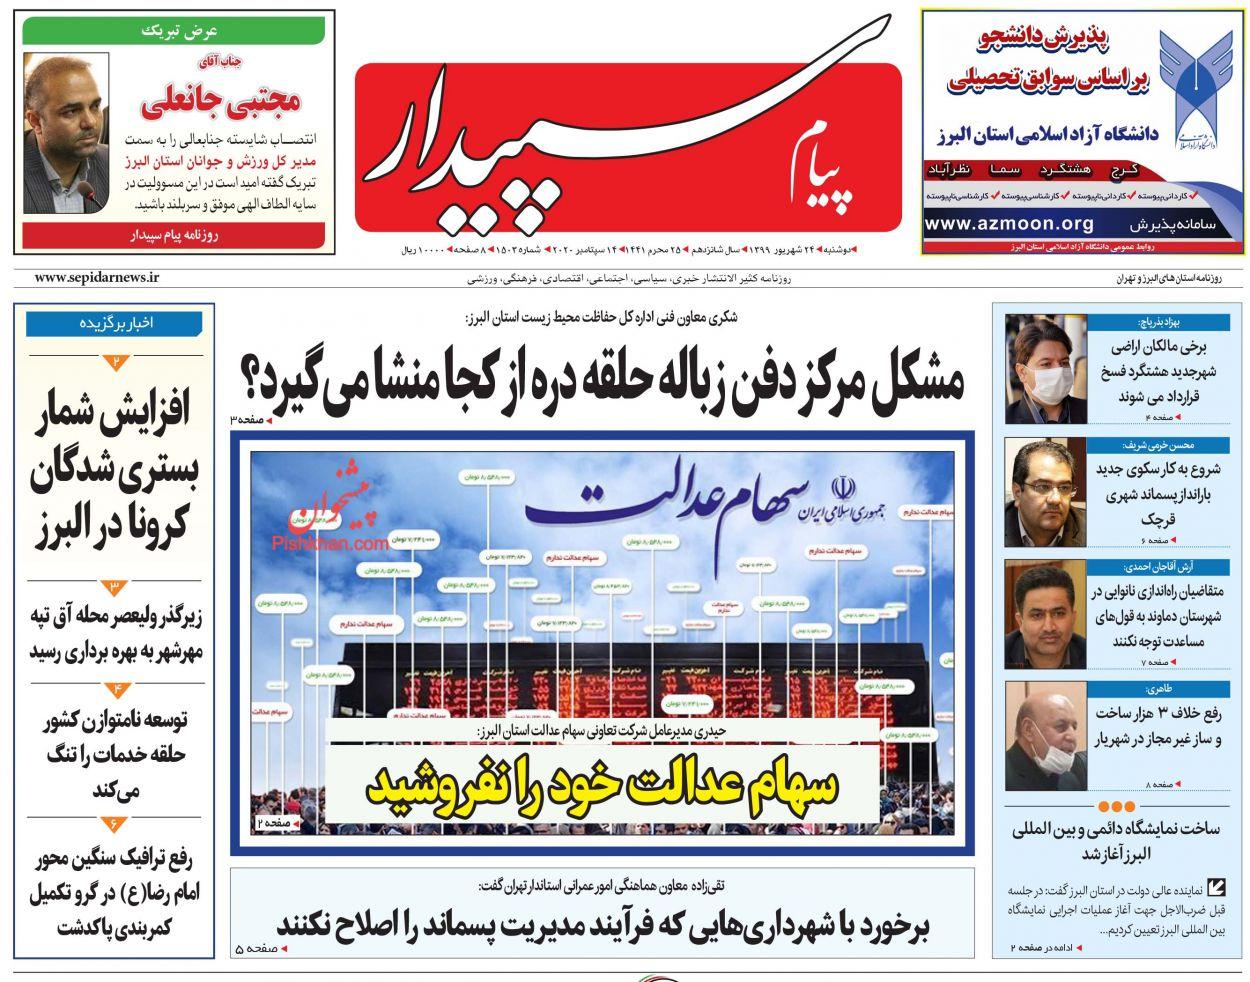 عناوین اخبار روزنامه پیام سپیدار در روز دوشنبه ۲۴ شهریور